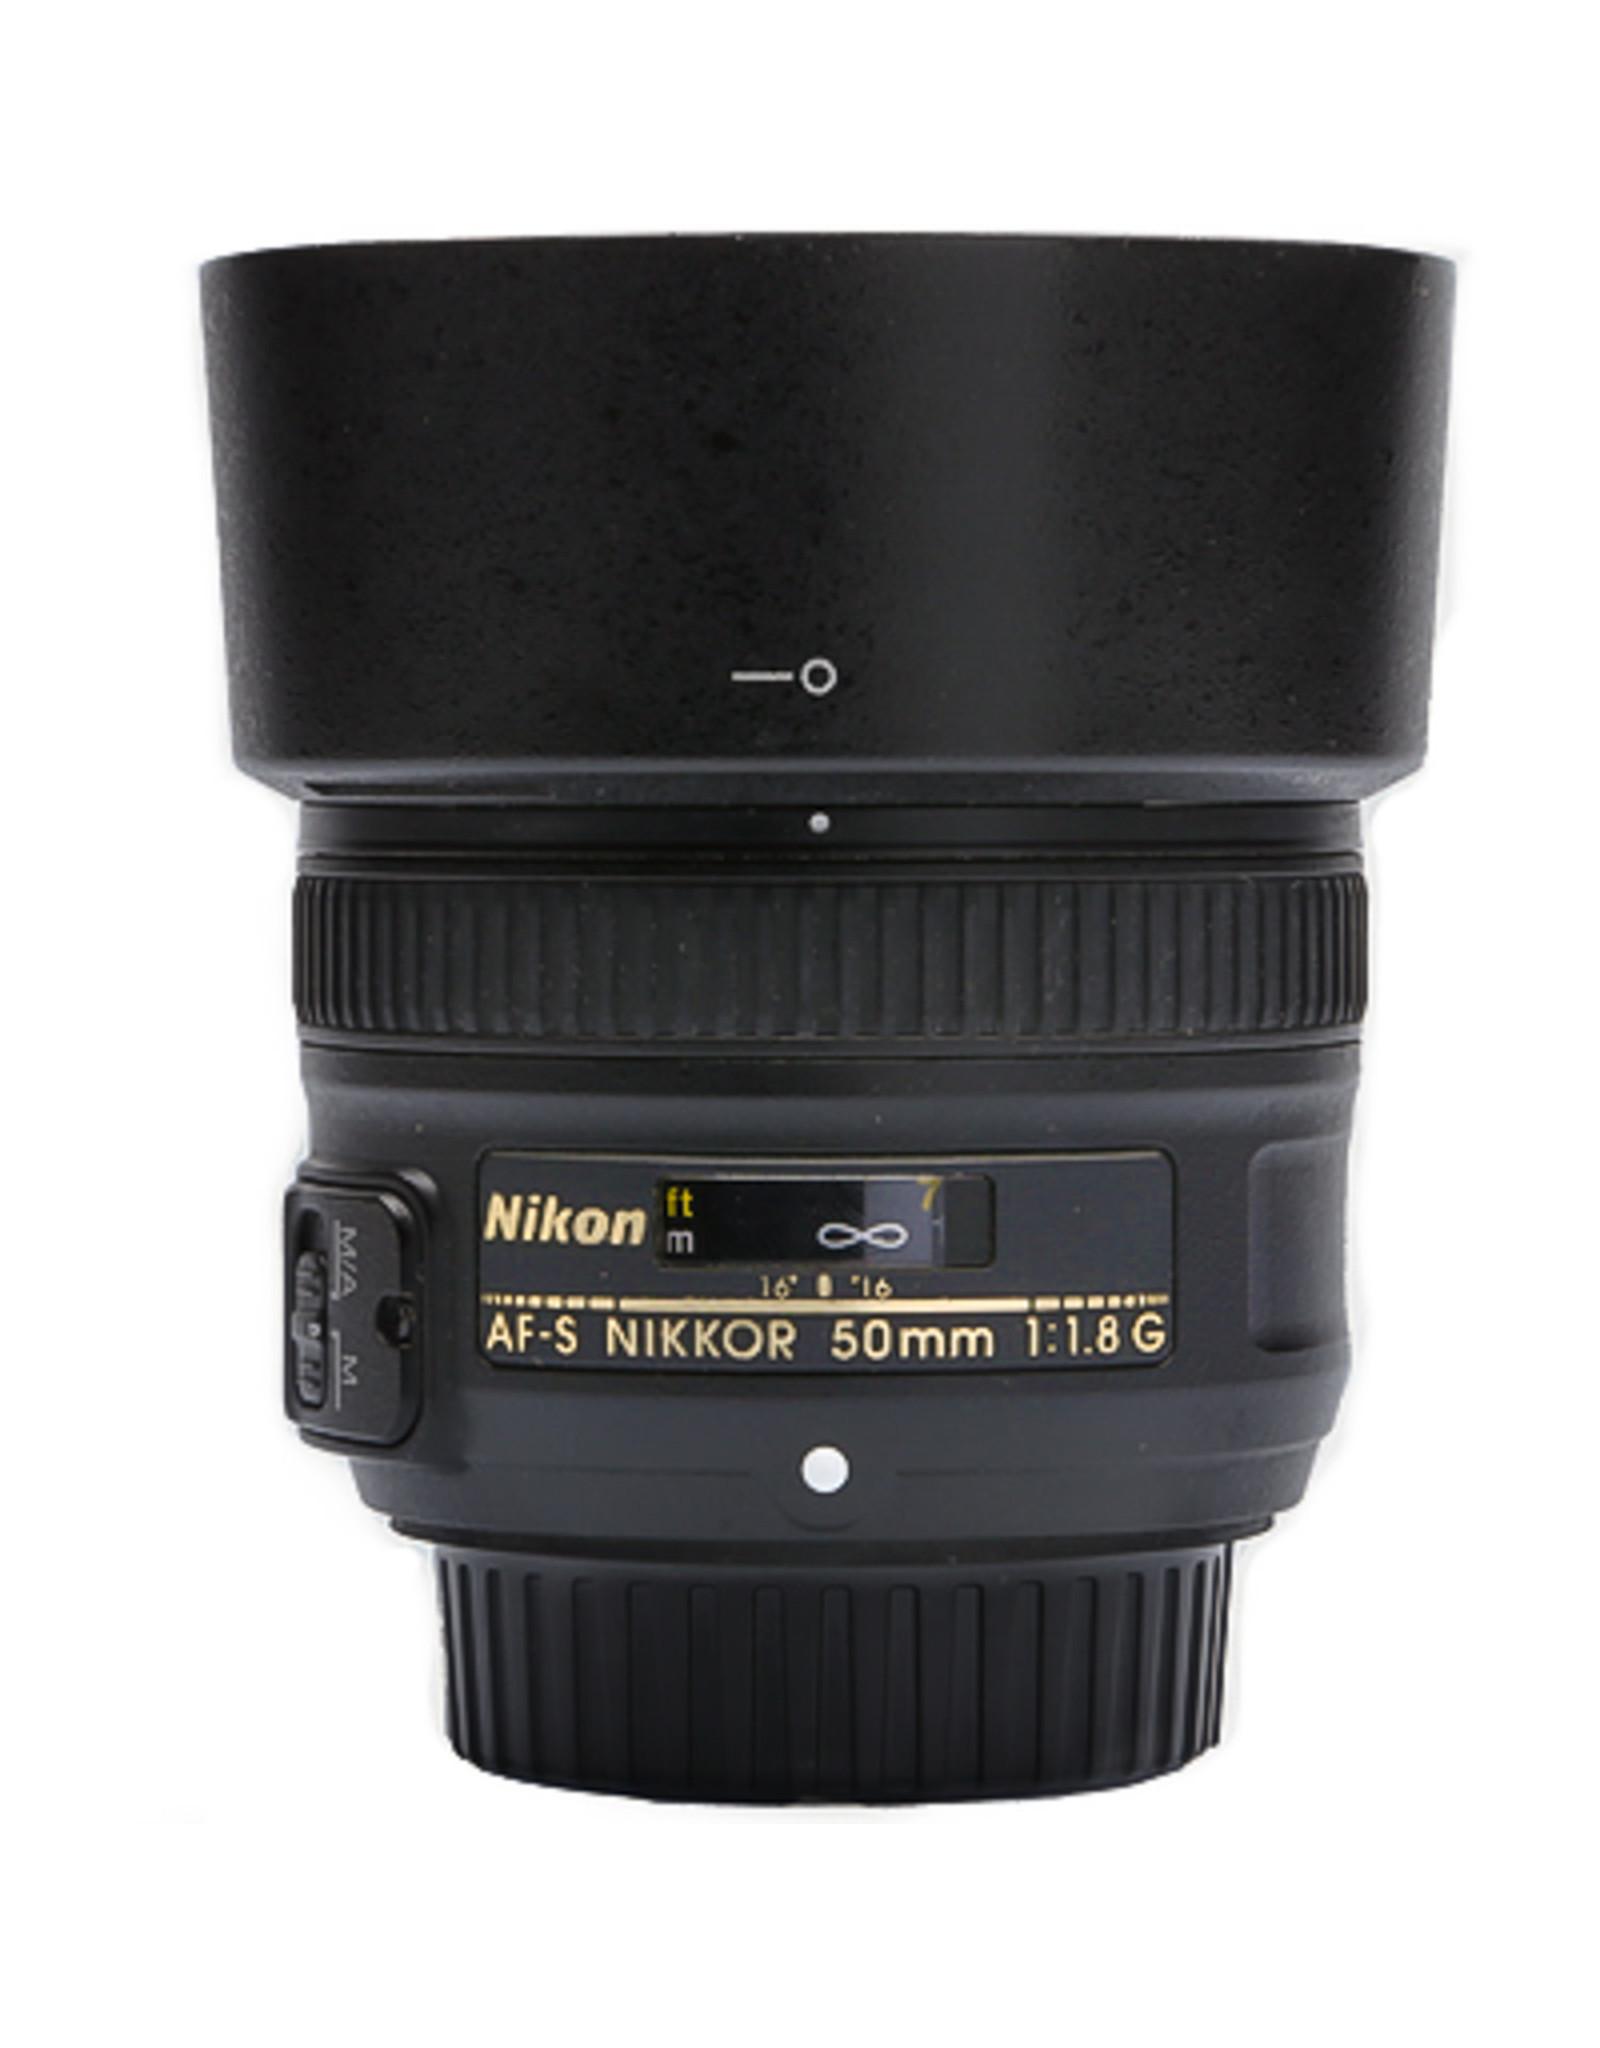 Nikon Nikon AF-S Nikkor 50mm f/1.8G Lens